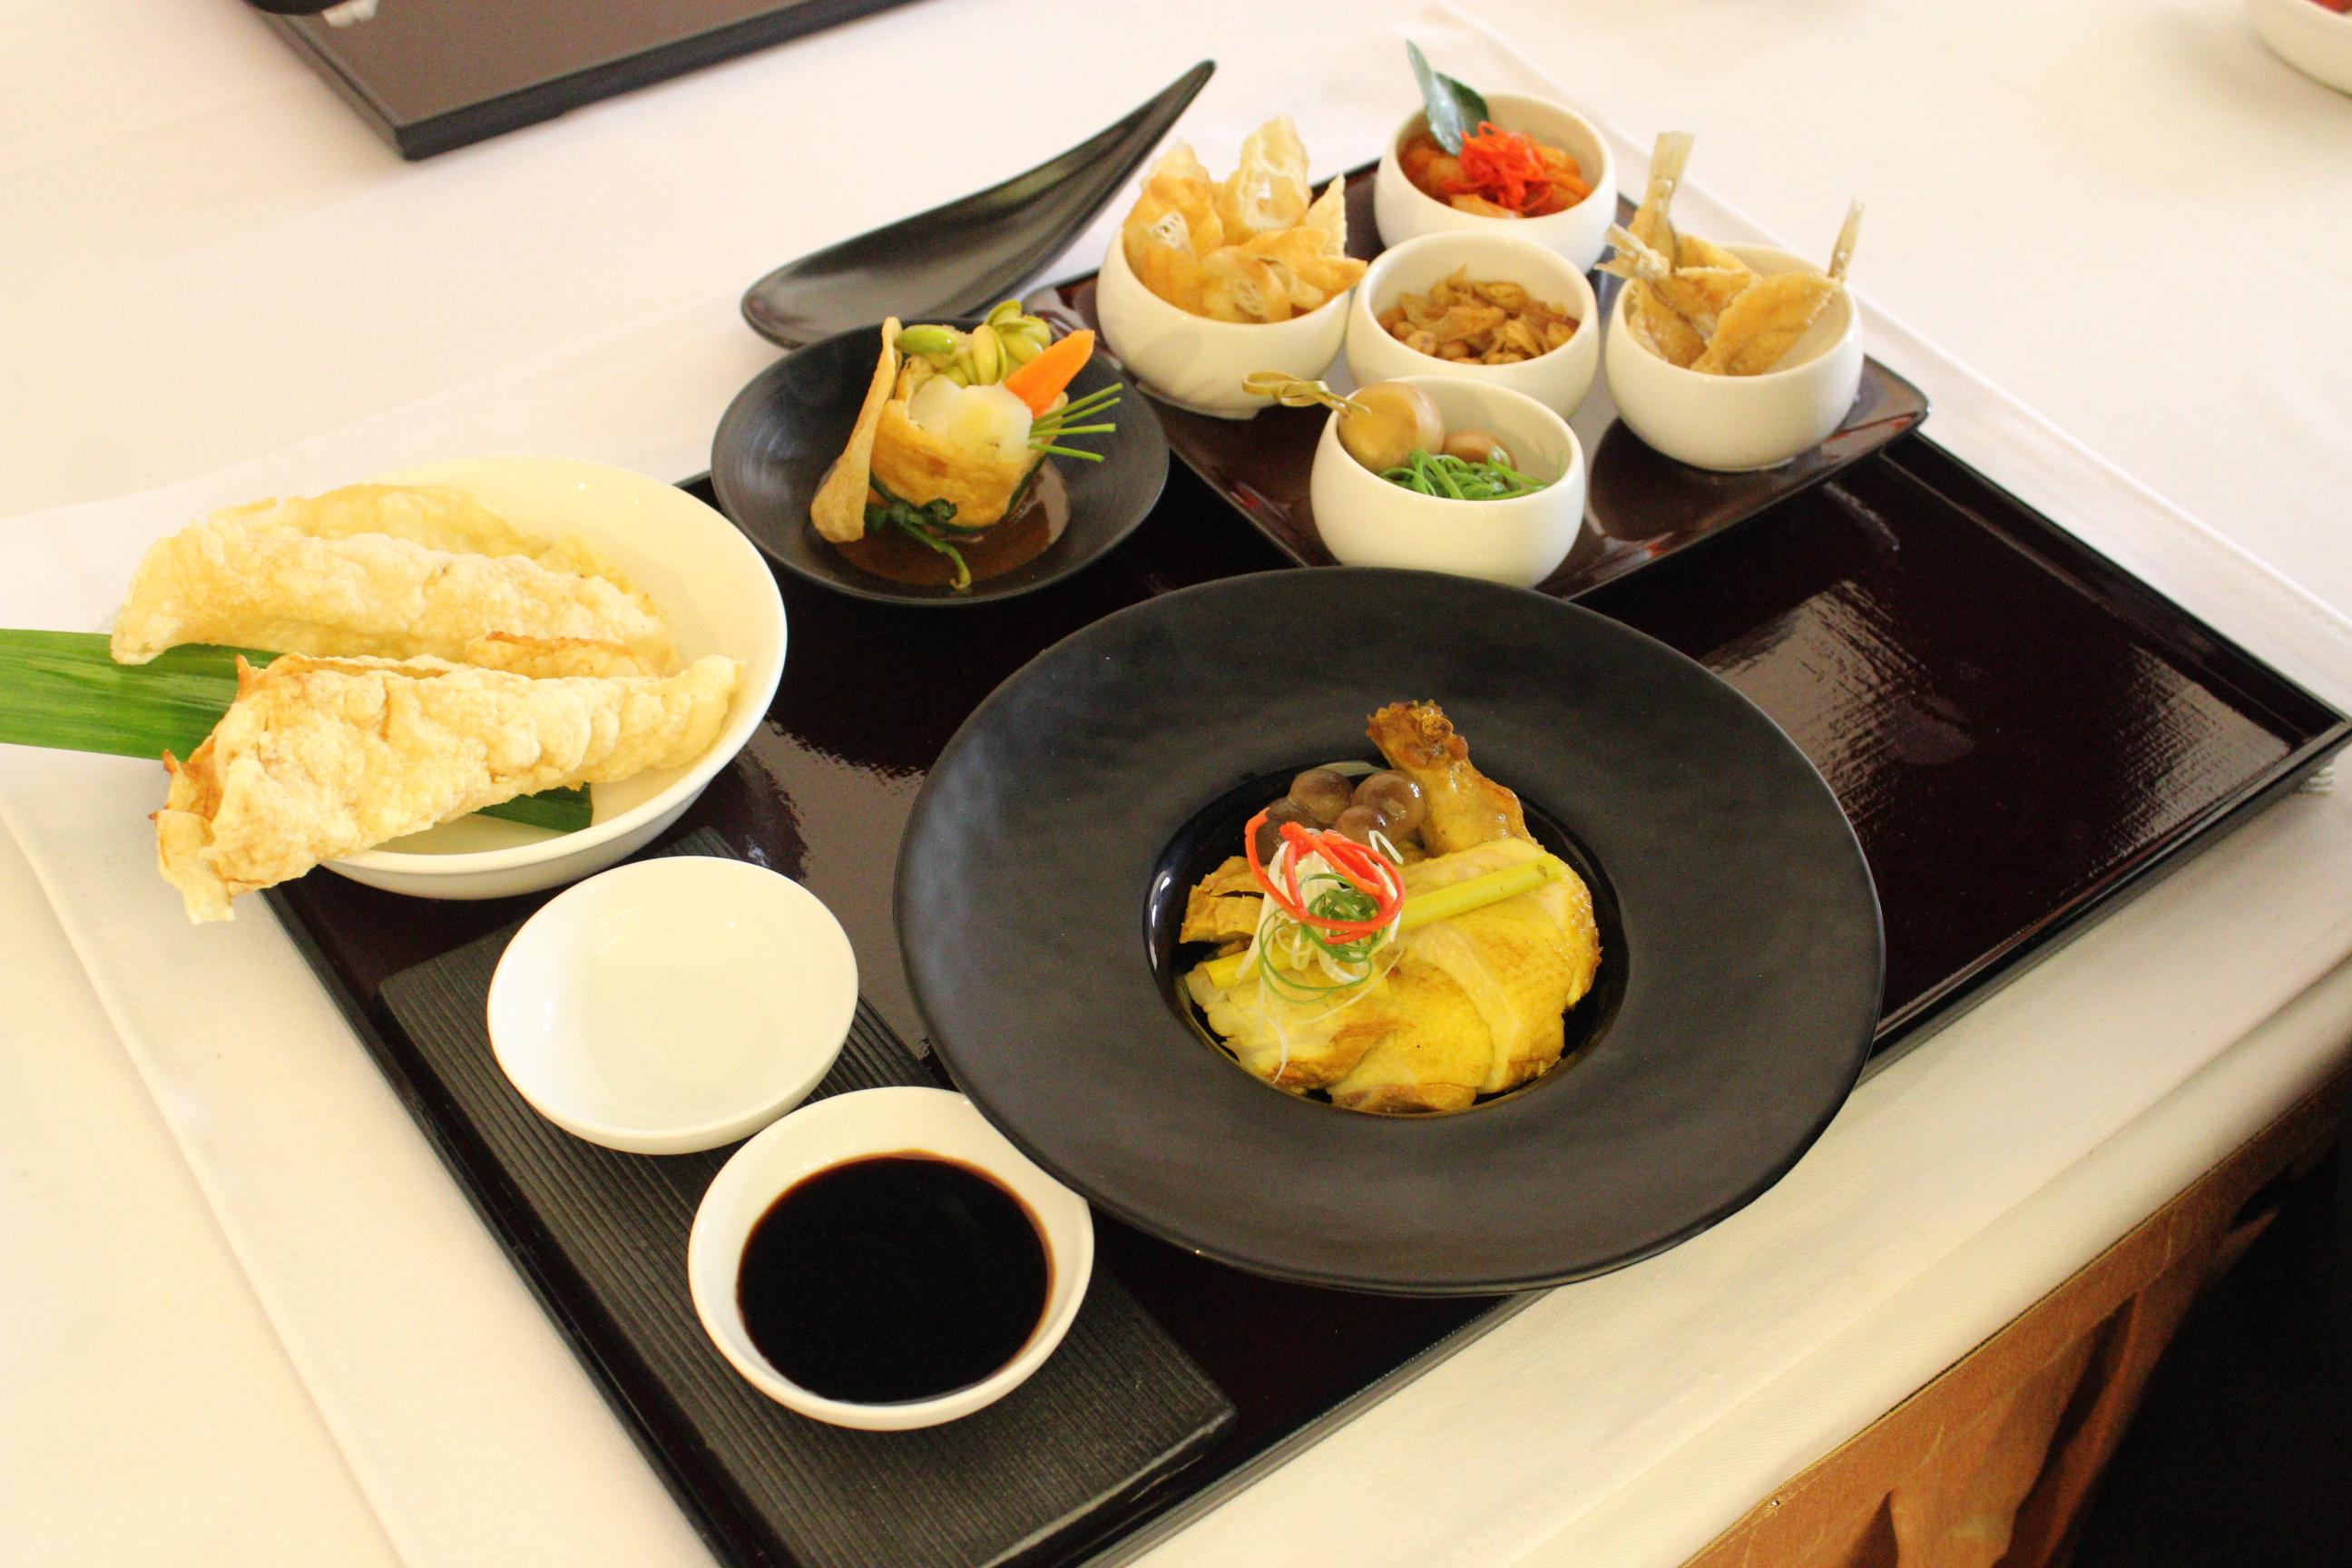 new breakfast tray gray - photo #27